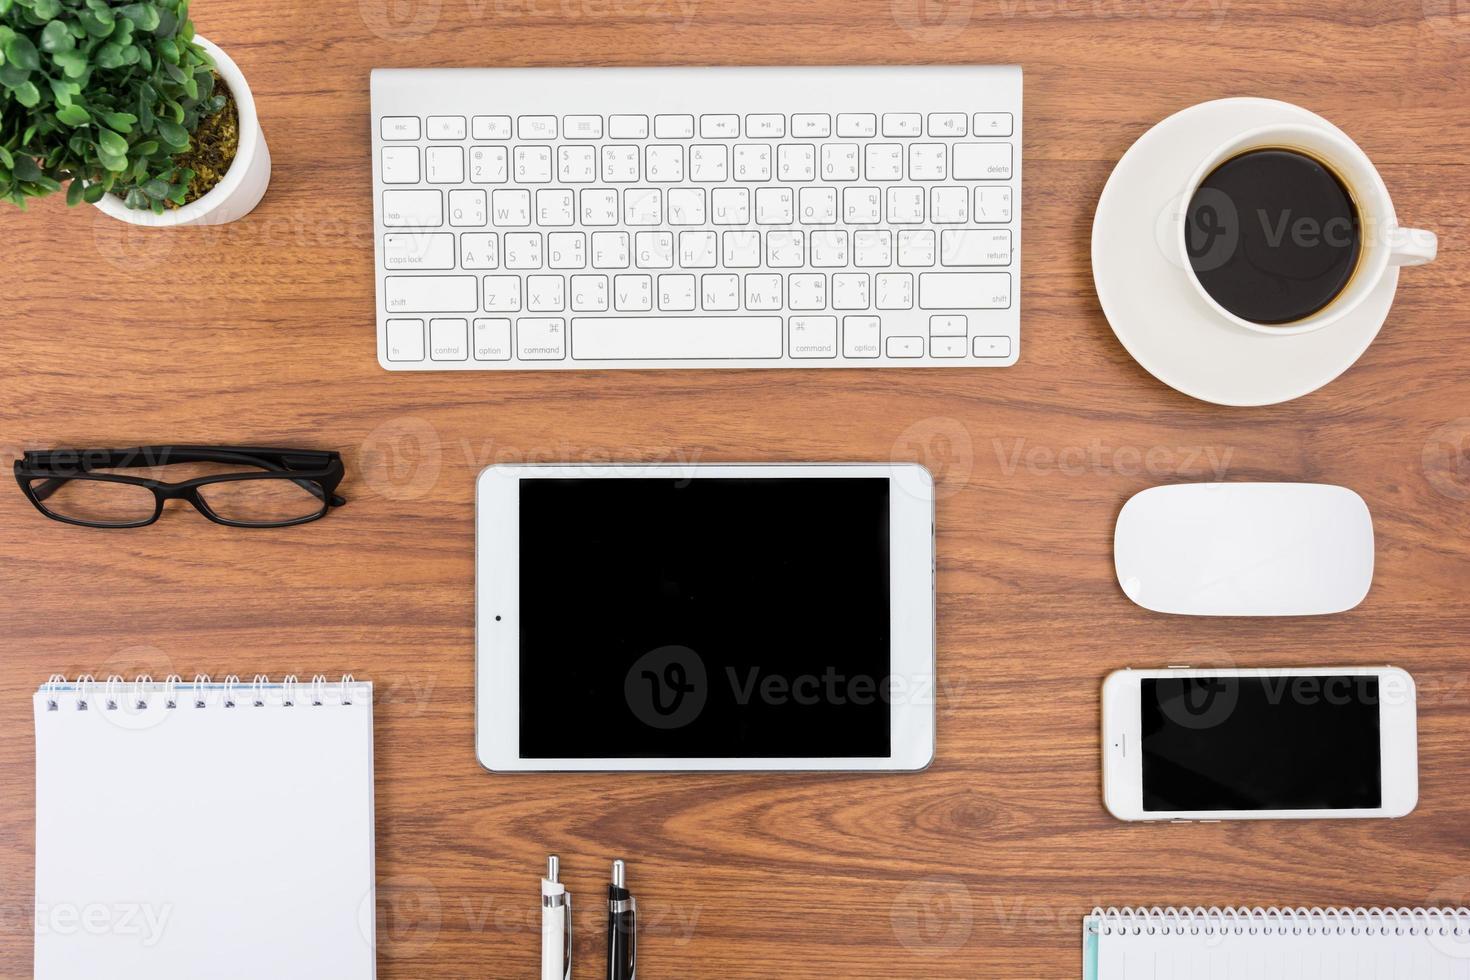 escritorio de negocios con teclado, mouse y bolígrafo foto